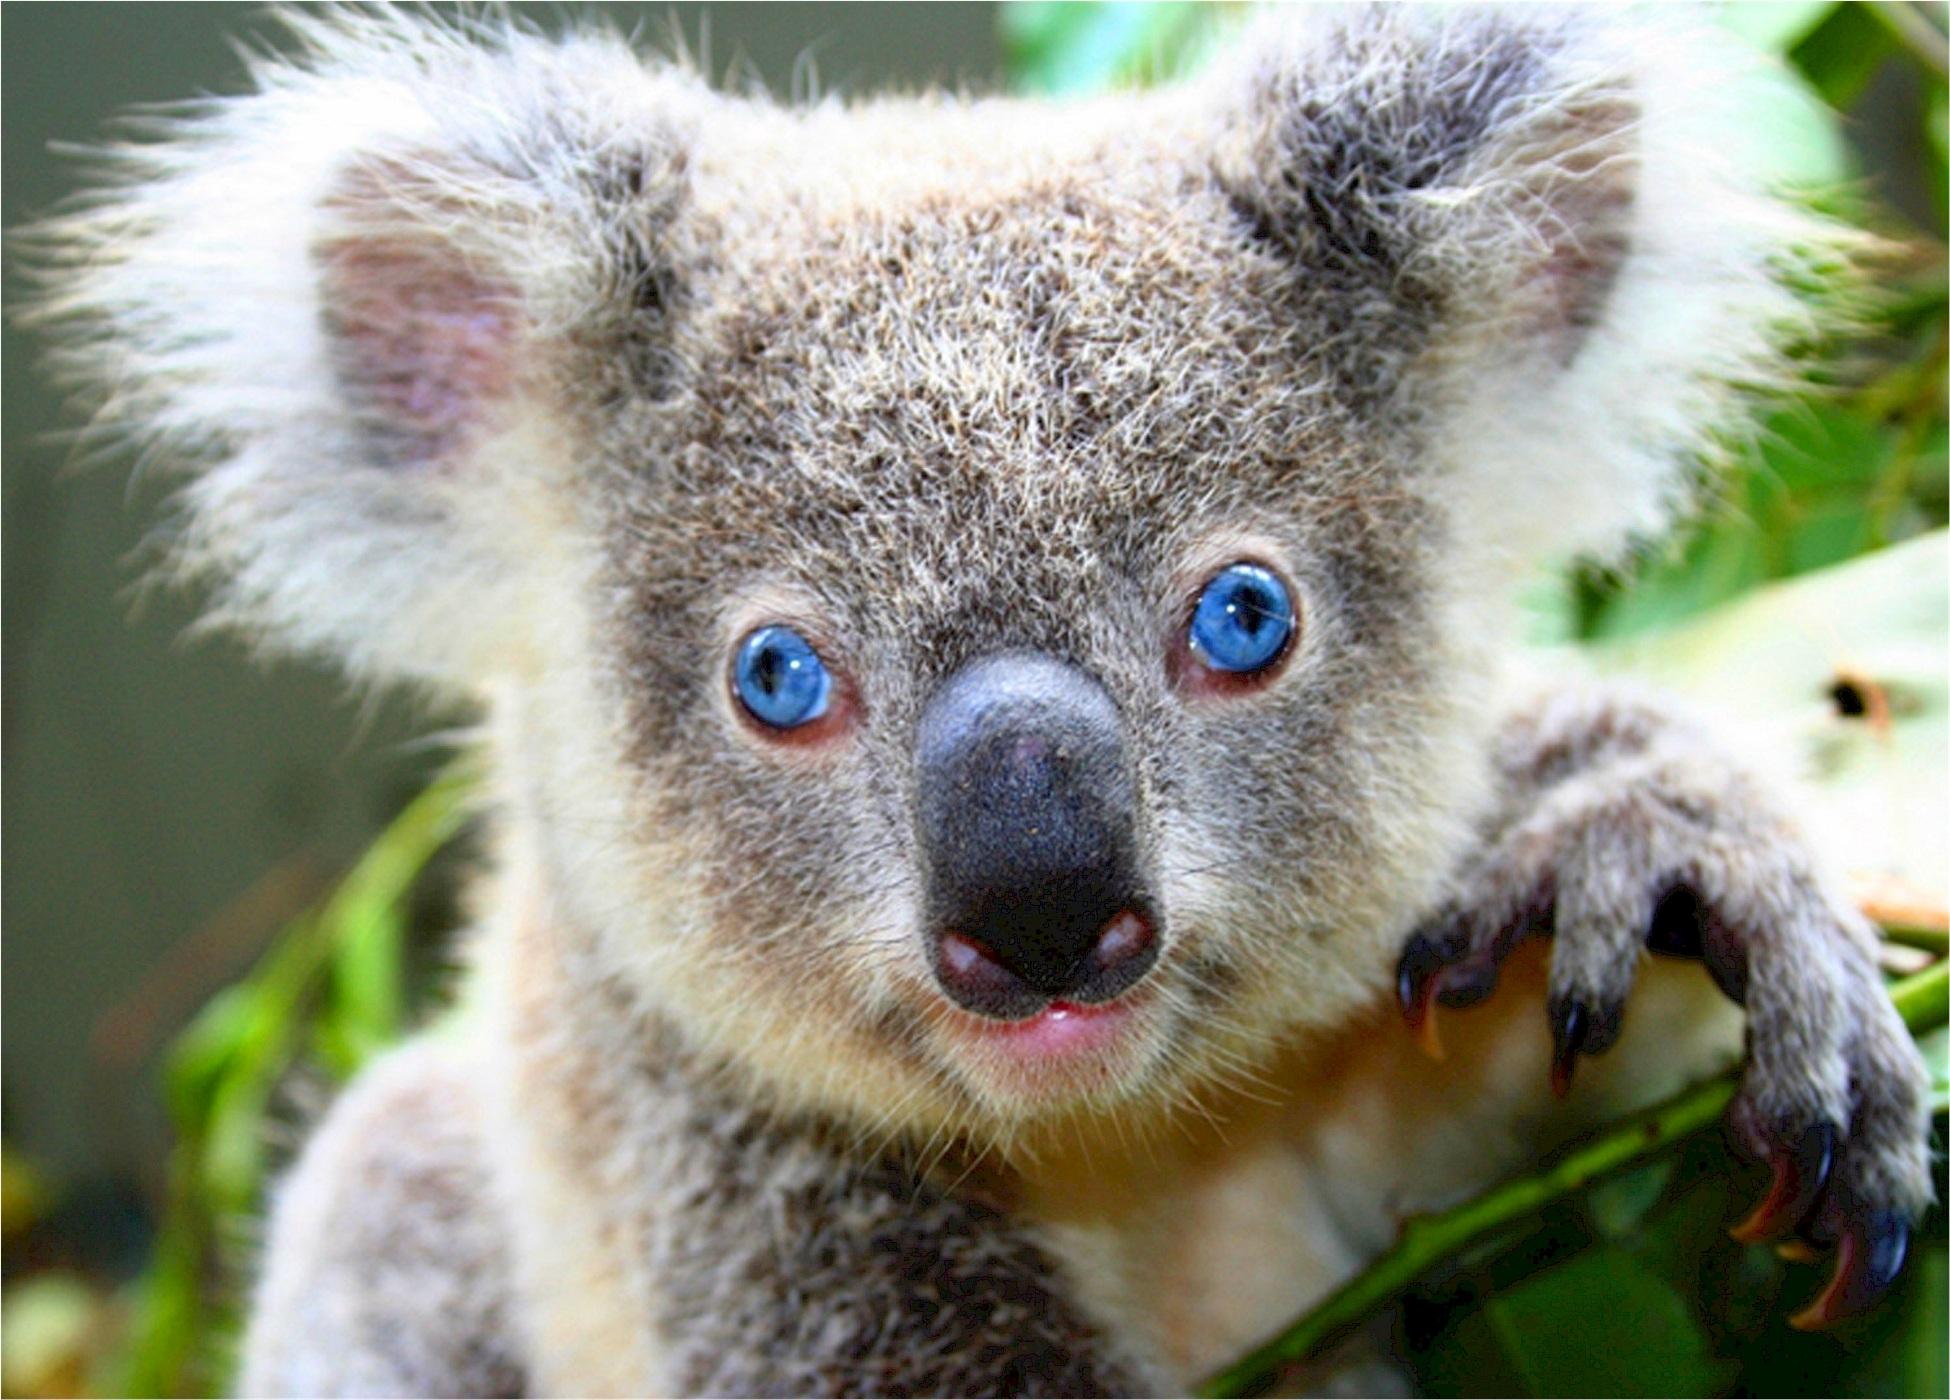 Koala bear - Australia